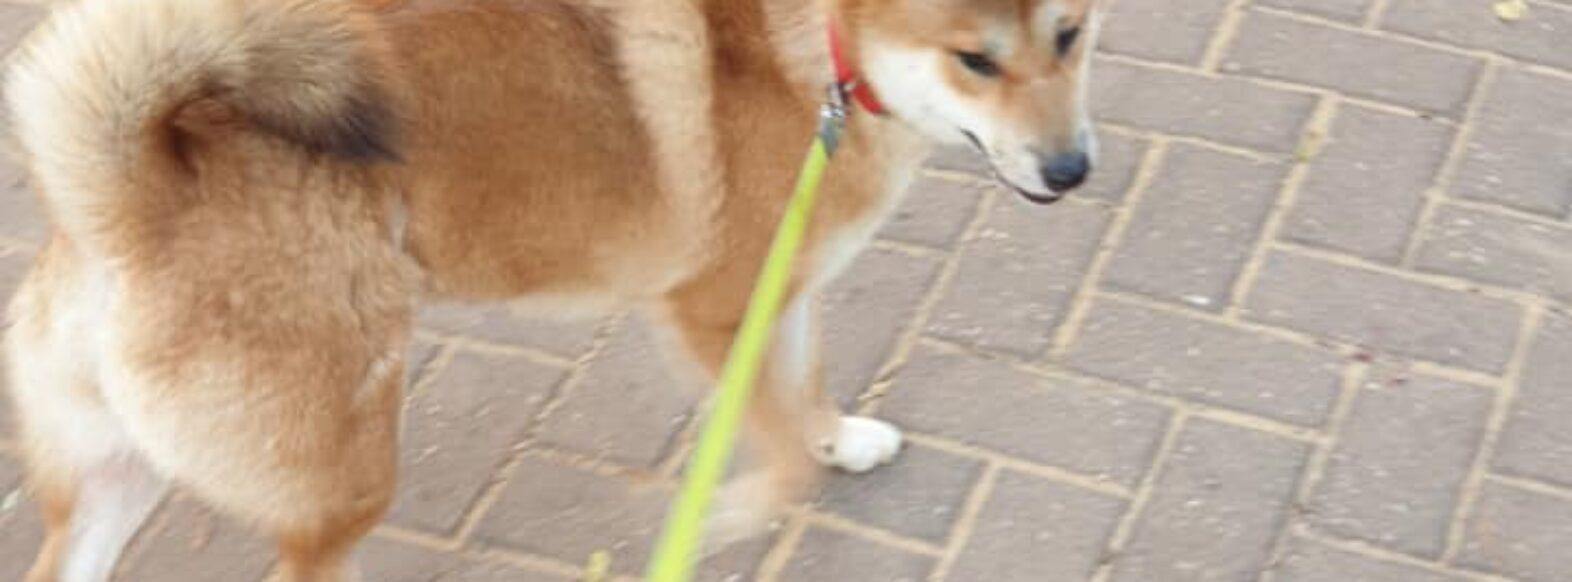 סוף לצואת הכלבים ברחובות ובפארקים בקריית מוצקין